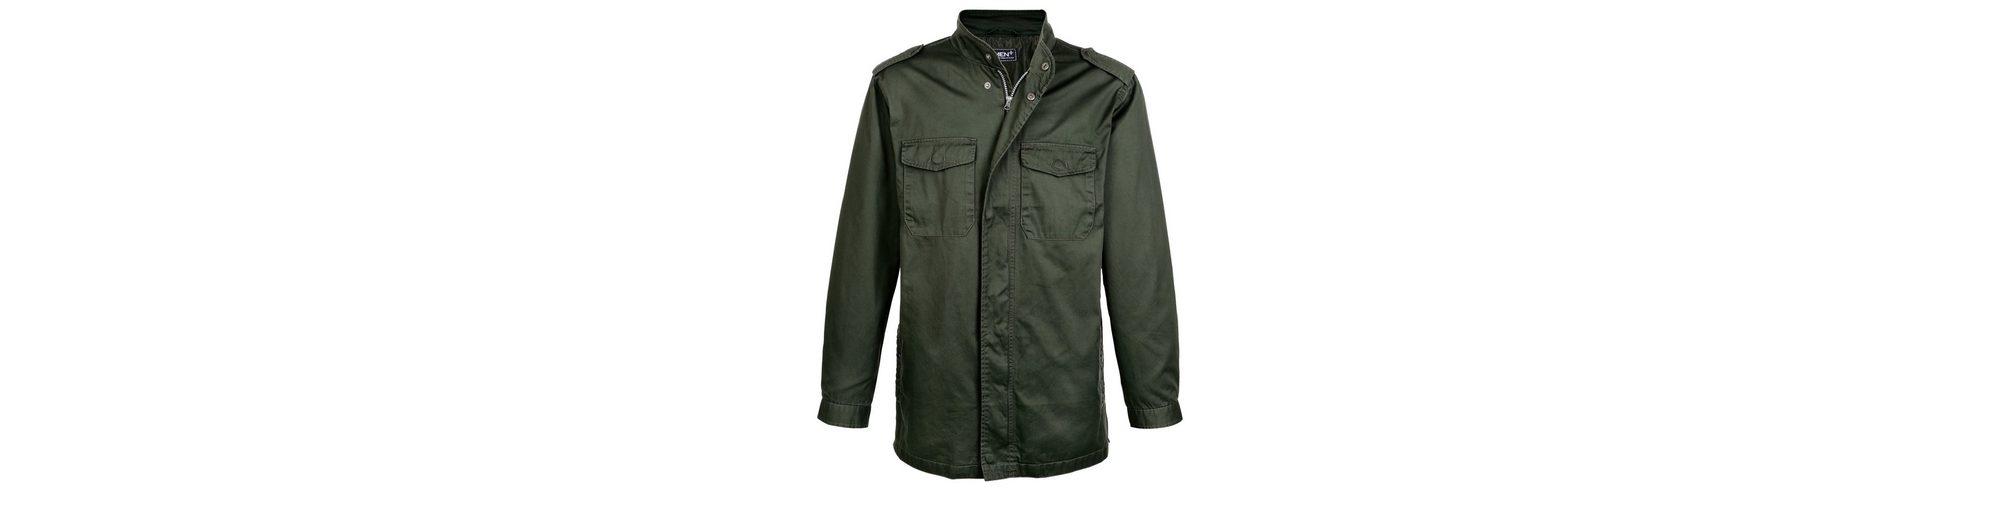 Shop-Angebot Men Plus by Happy Size Long-Jacke 100% Original Zum Verkauf Freies Verschiffen Niedrig Kosten d61OeNua